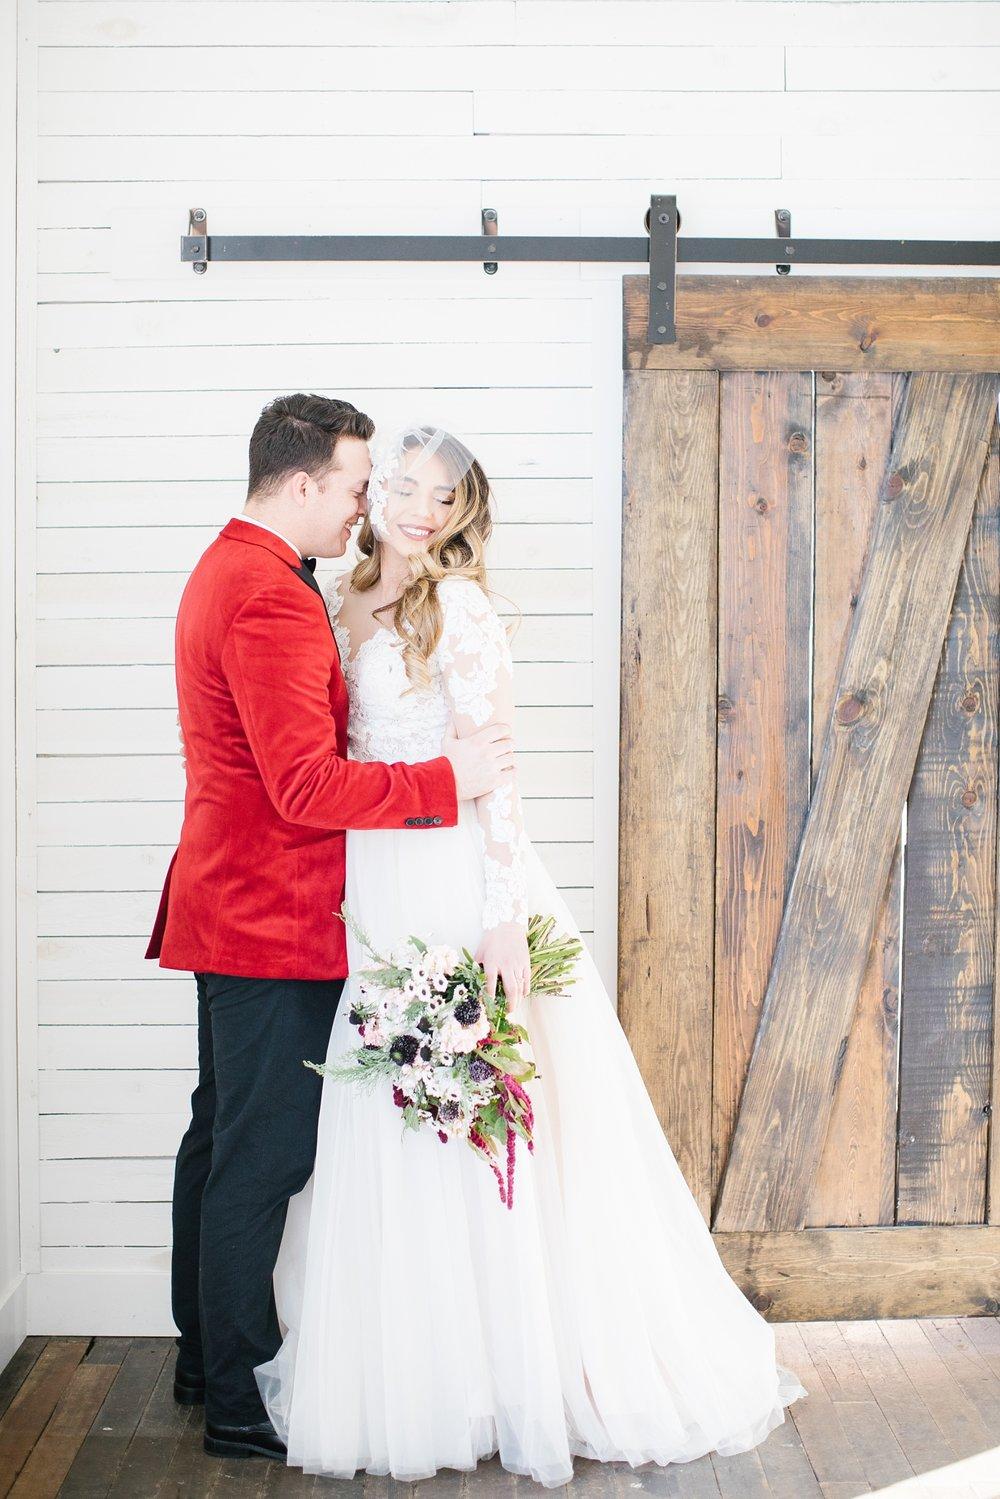 748A1093-Edit-32_Lizzie-B-Imagery-Utah-Wedding-Photographer-Park-City-Wedding-Photographer-The-Loft-Studio-Lehi-Utah.jpg